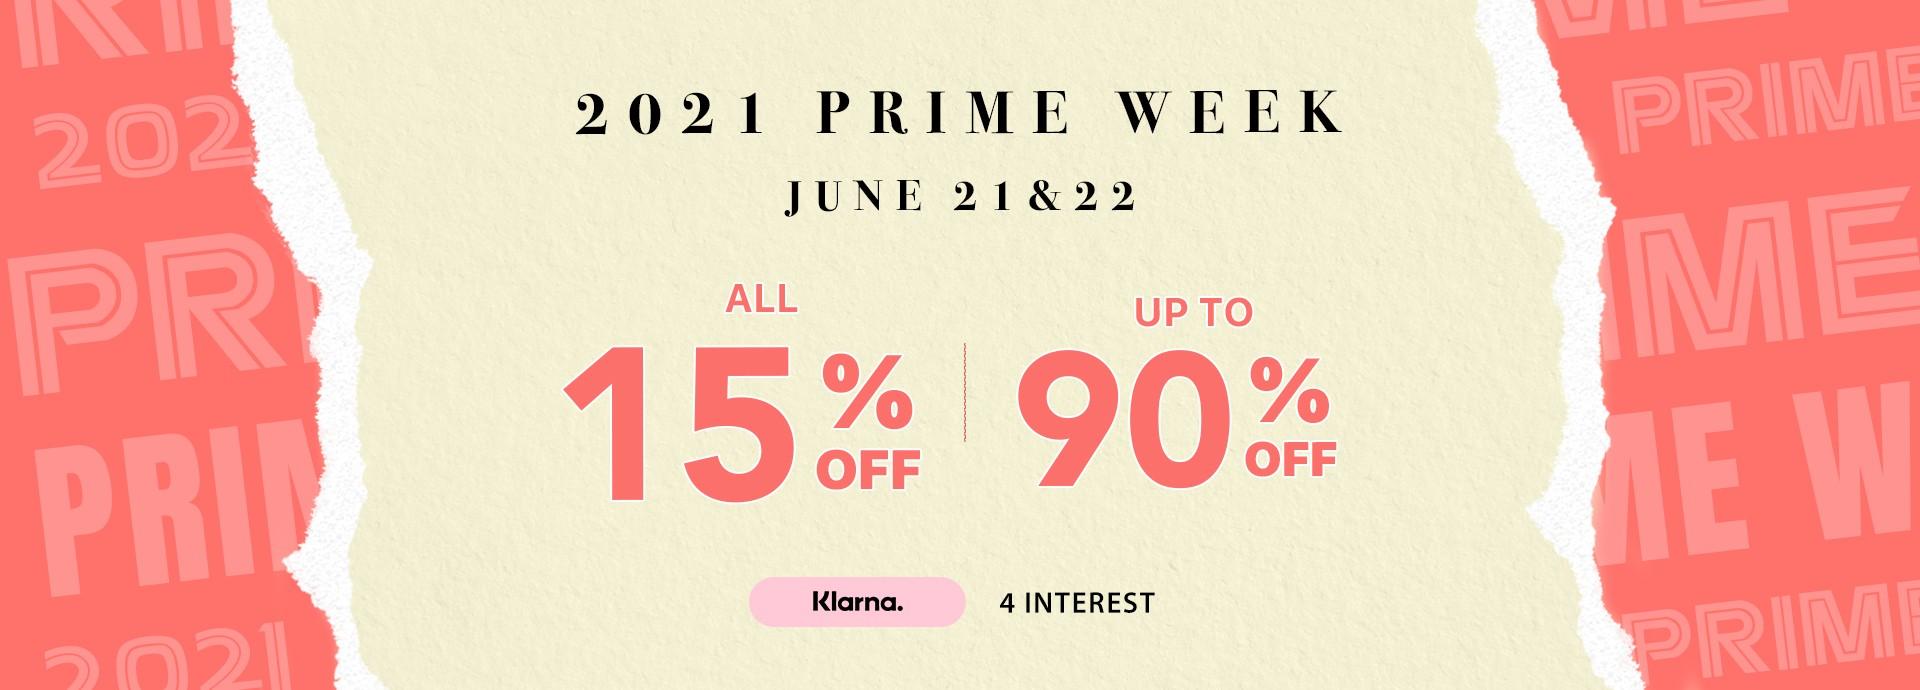 Prime Week